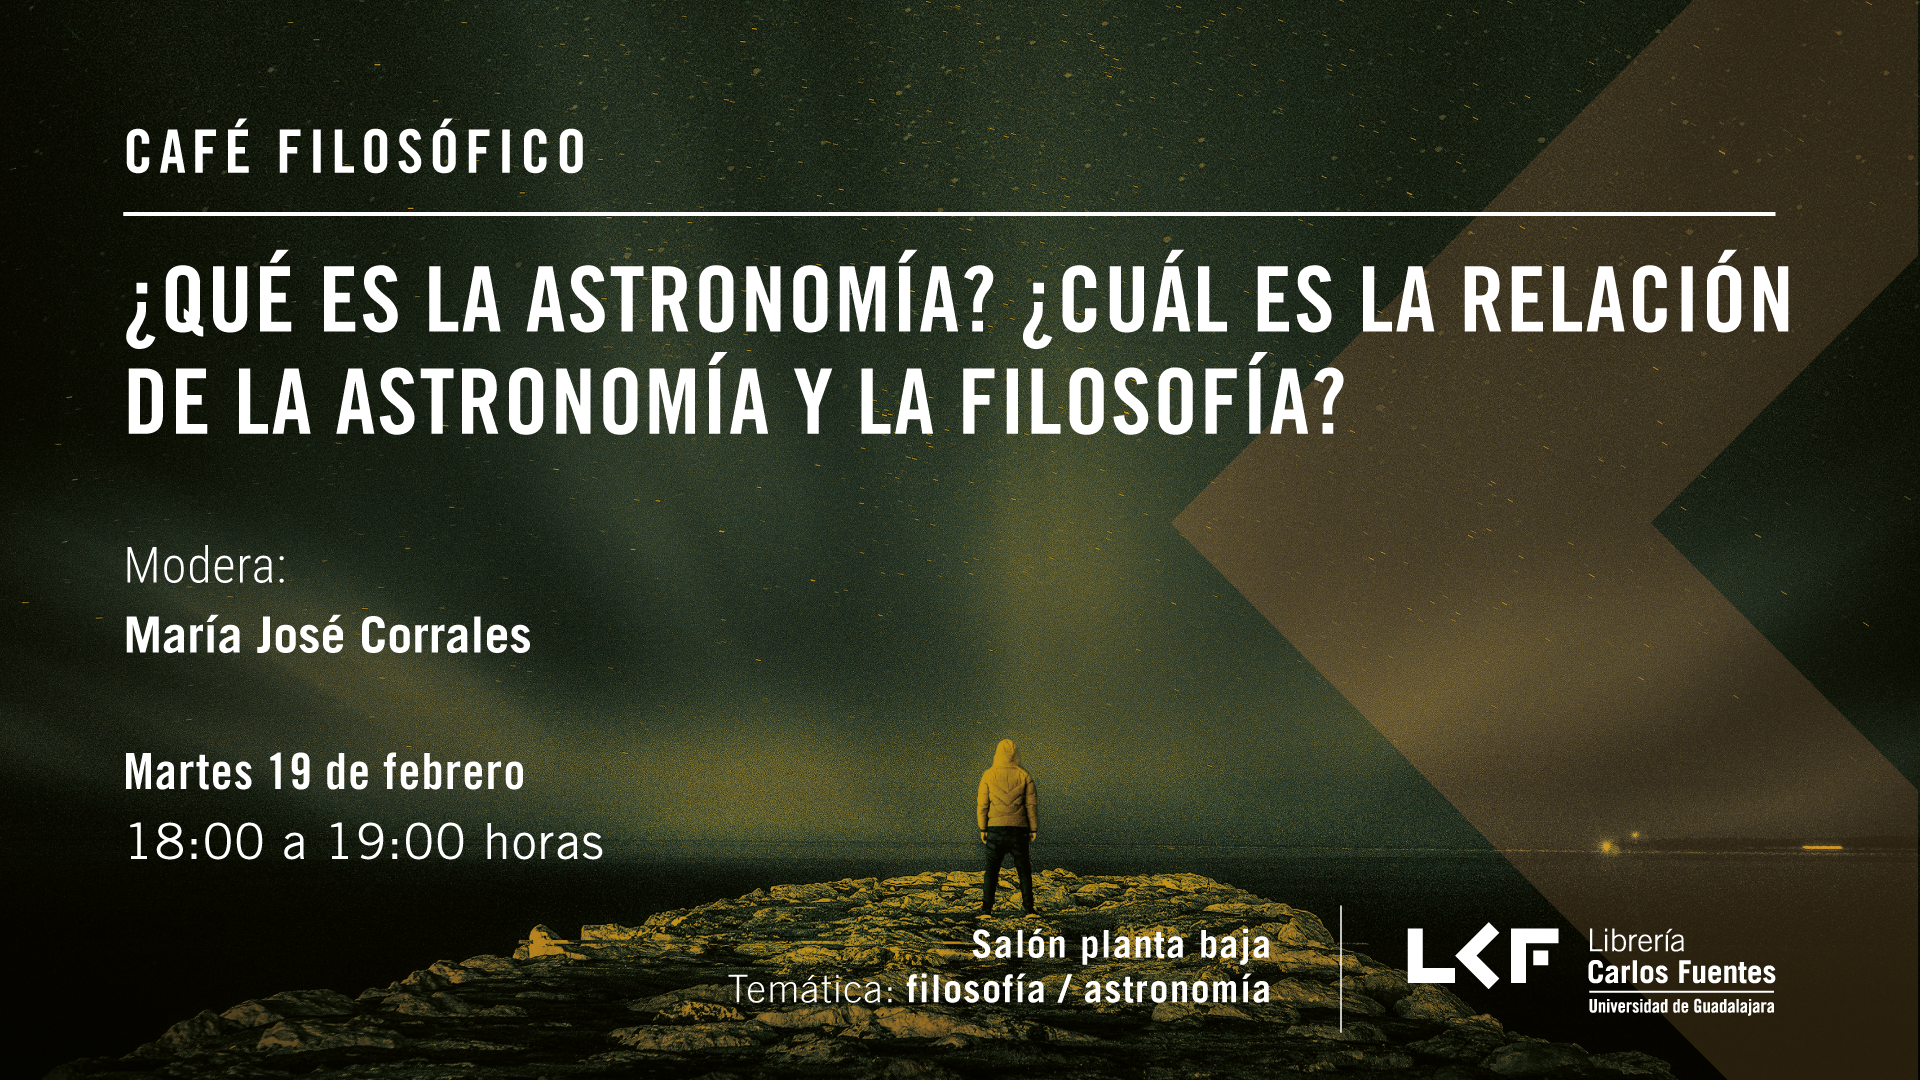 Cartel informativo sobre el Café filosófico: ¿Qué es la astronomía? ¿Cuál es la relación de la astronomía y la filosofía? , el 19 de febrero, de 18:00 a 19:00 h. en el Salón planta baja, Librería Carlos Fuentes.